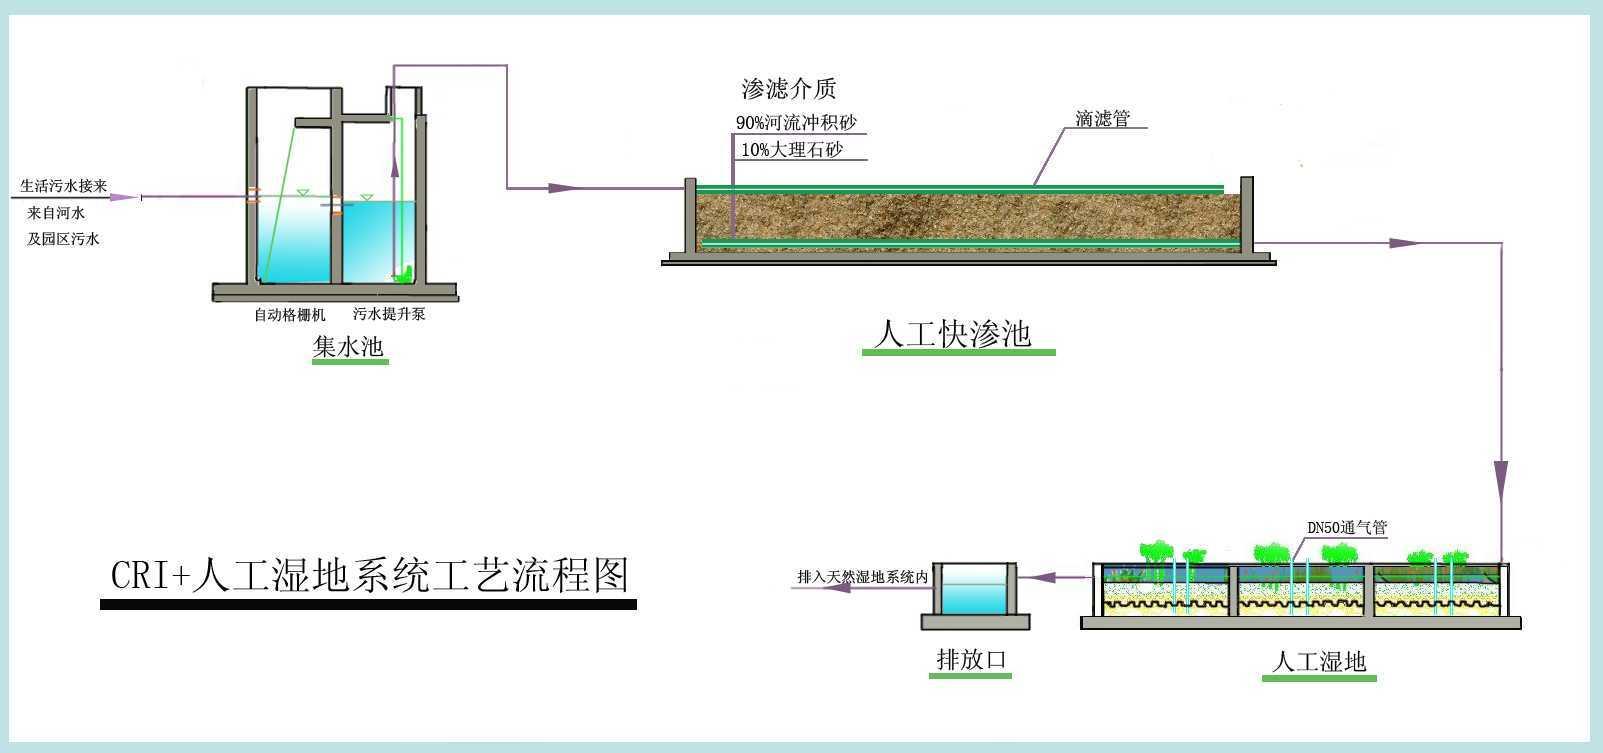 cri 人工湿地系统流程图免费下载 - 污水处理图